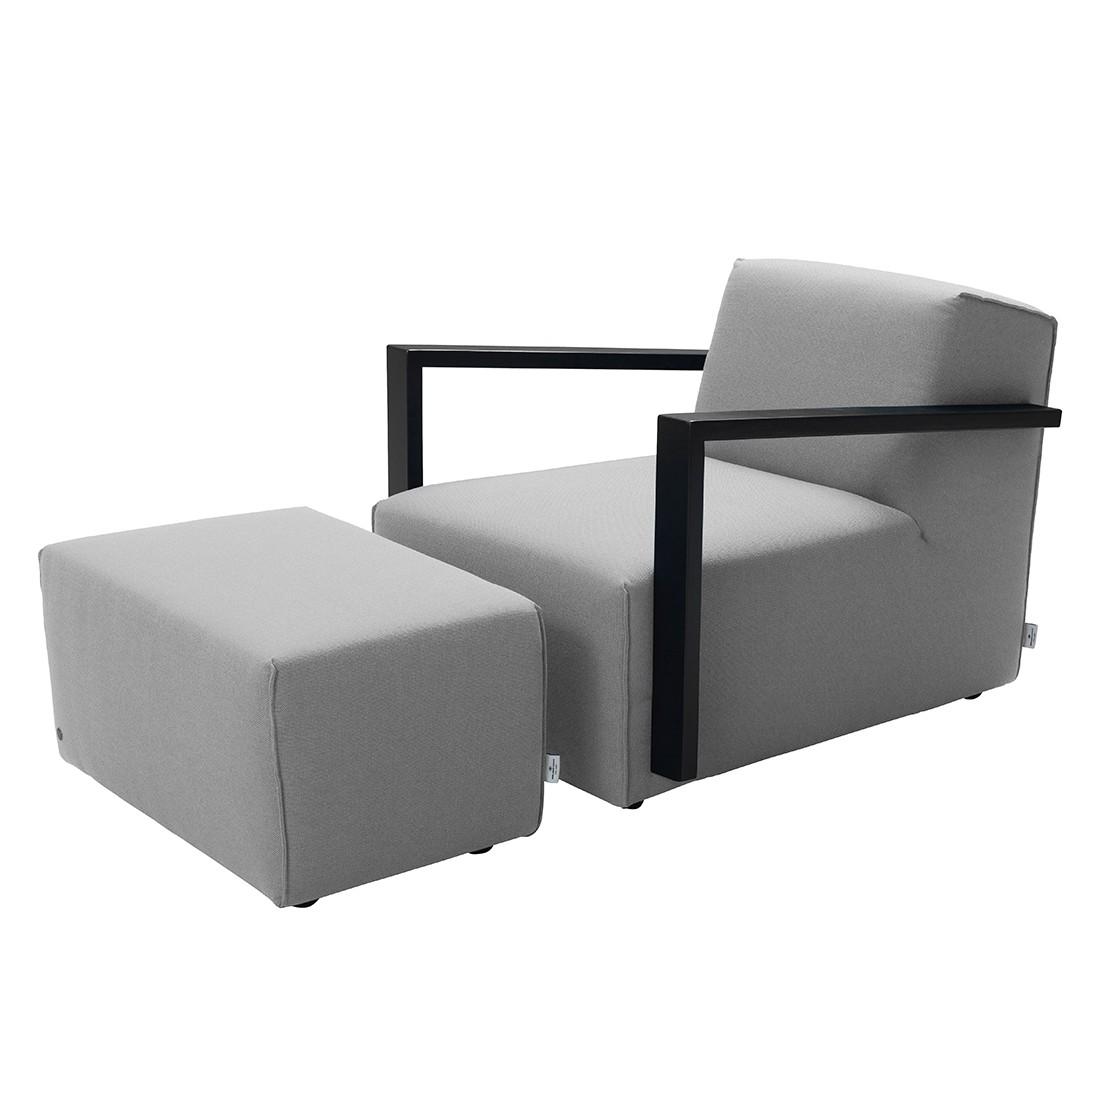 Fauteuil Lazy - Tissu structuré - Avec repose-pieds - Gris clair, Tom Tailor